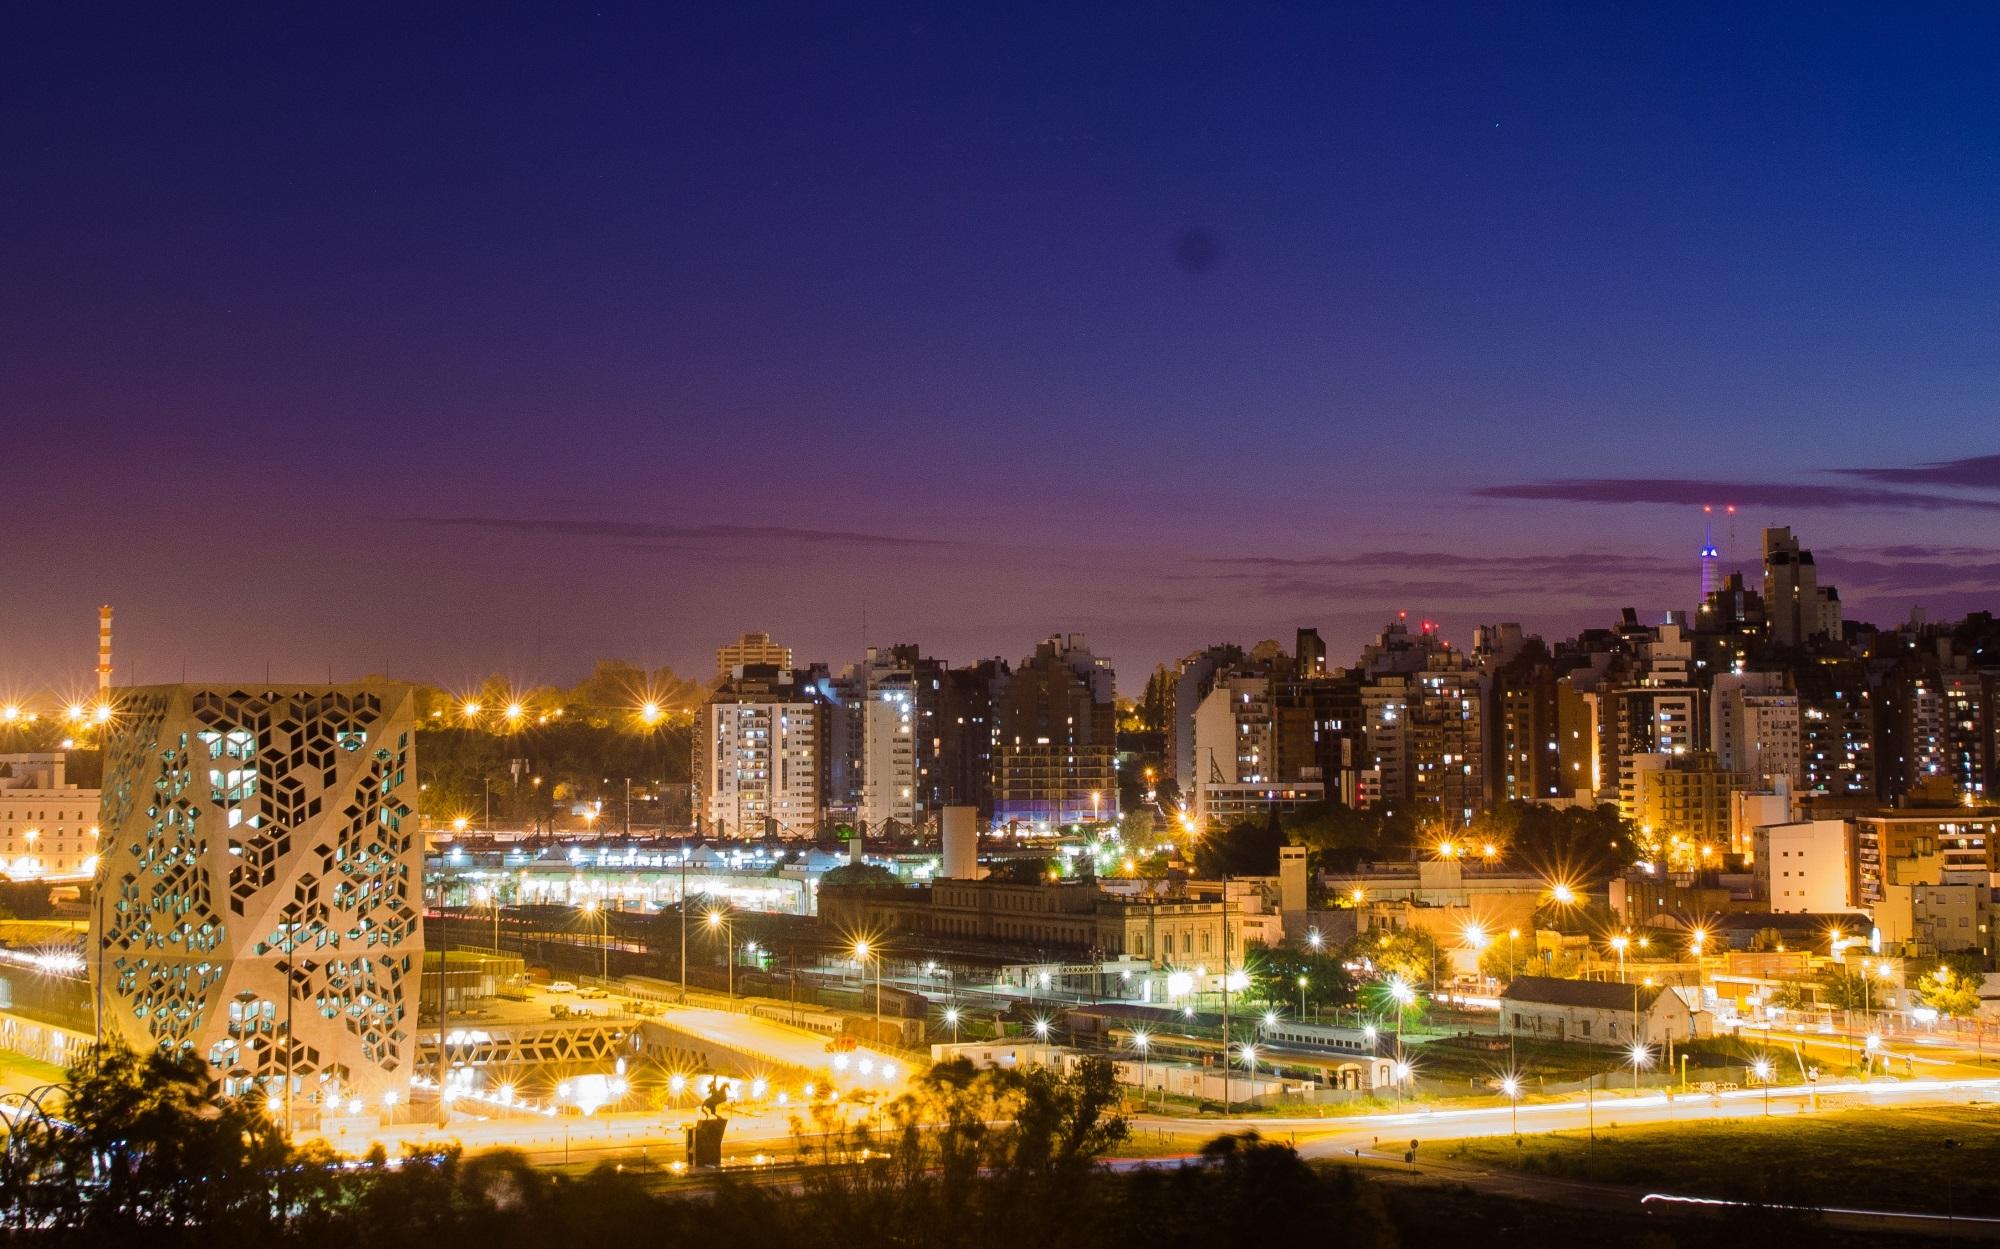 Ciudad-de-Córdoba-2